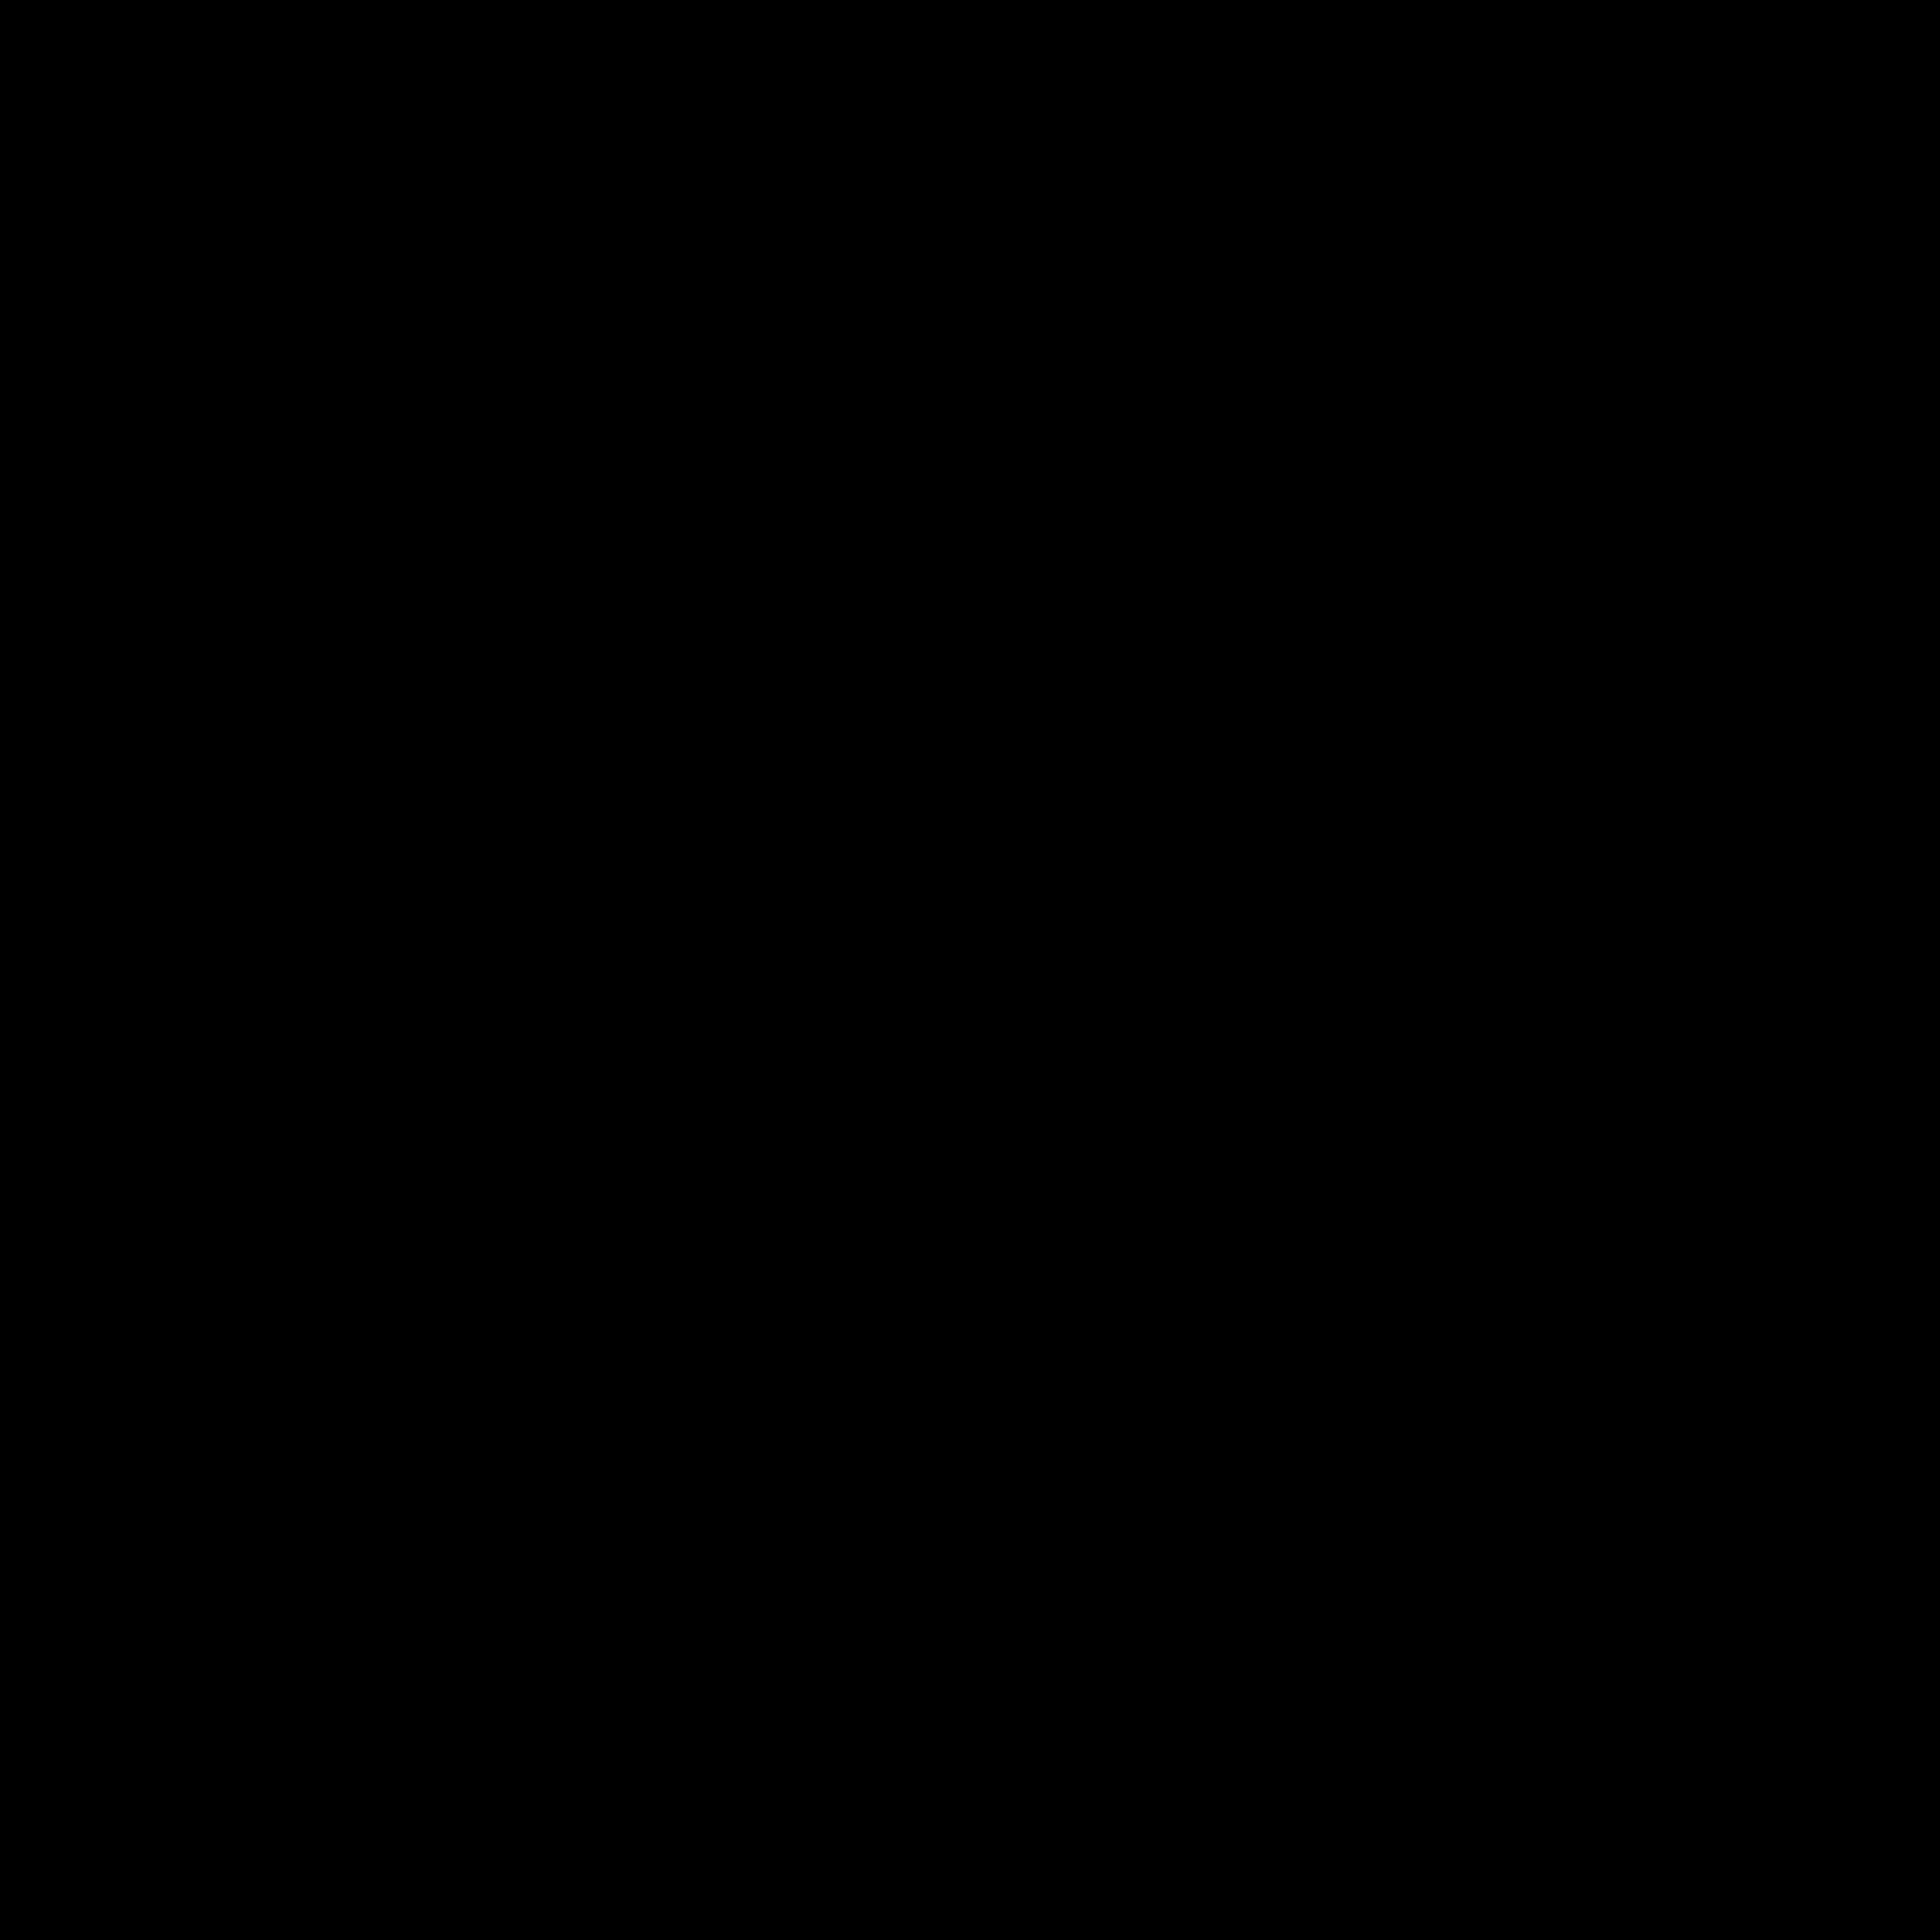 logo-juventus-2048.png